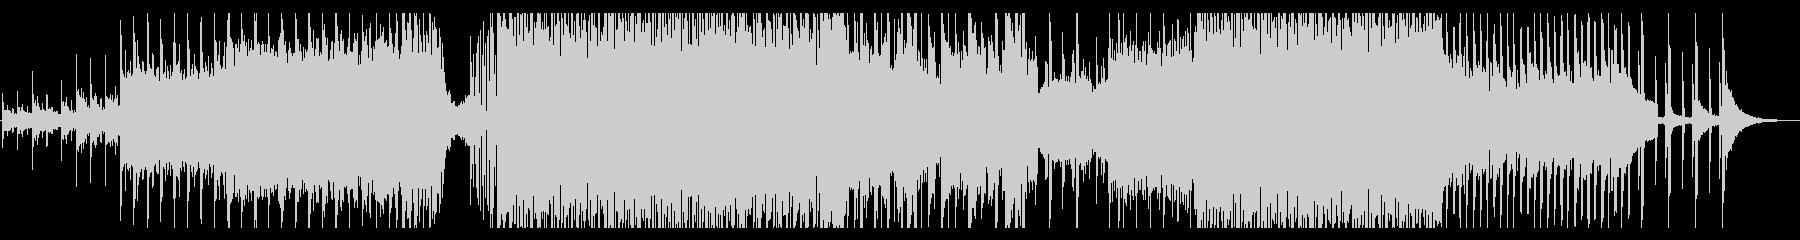 パッヘルベル カノンEDMアレンジの未再生の波形